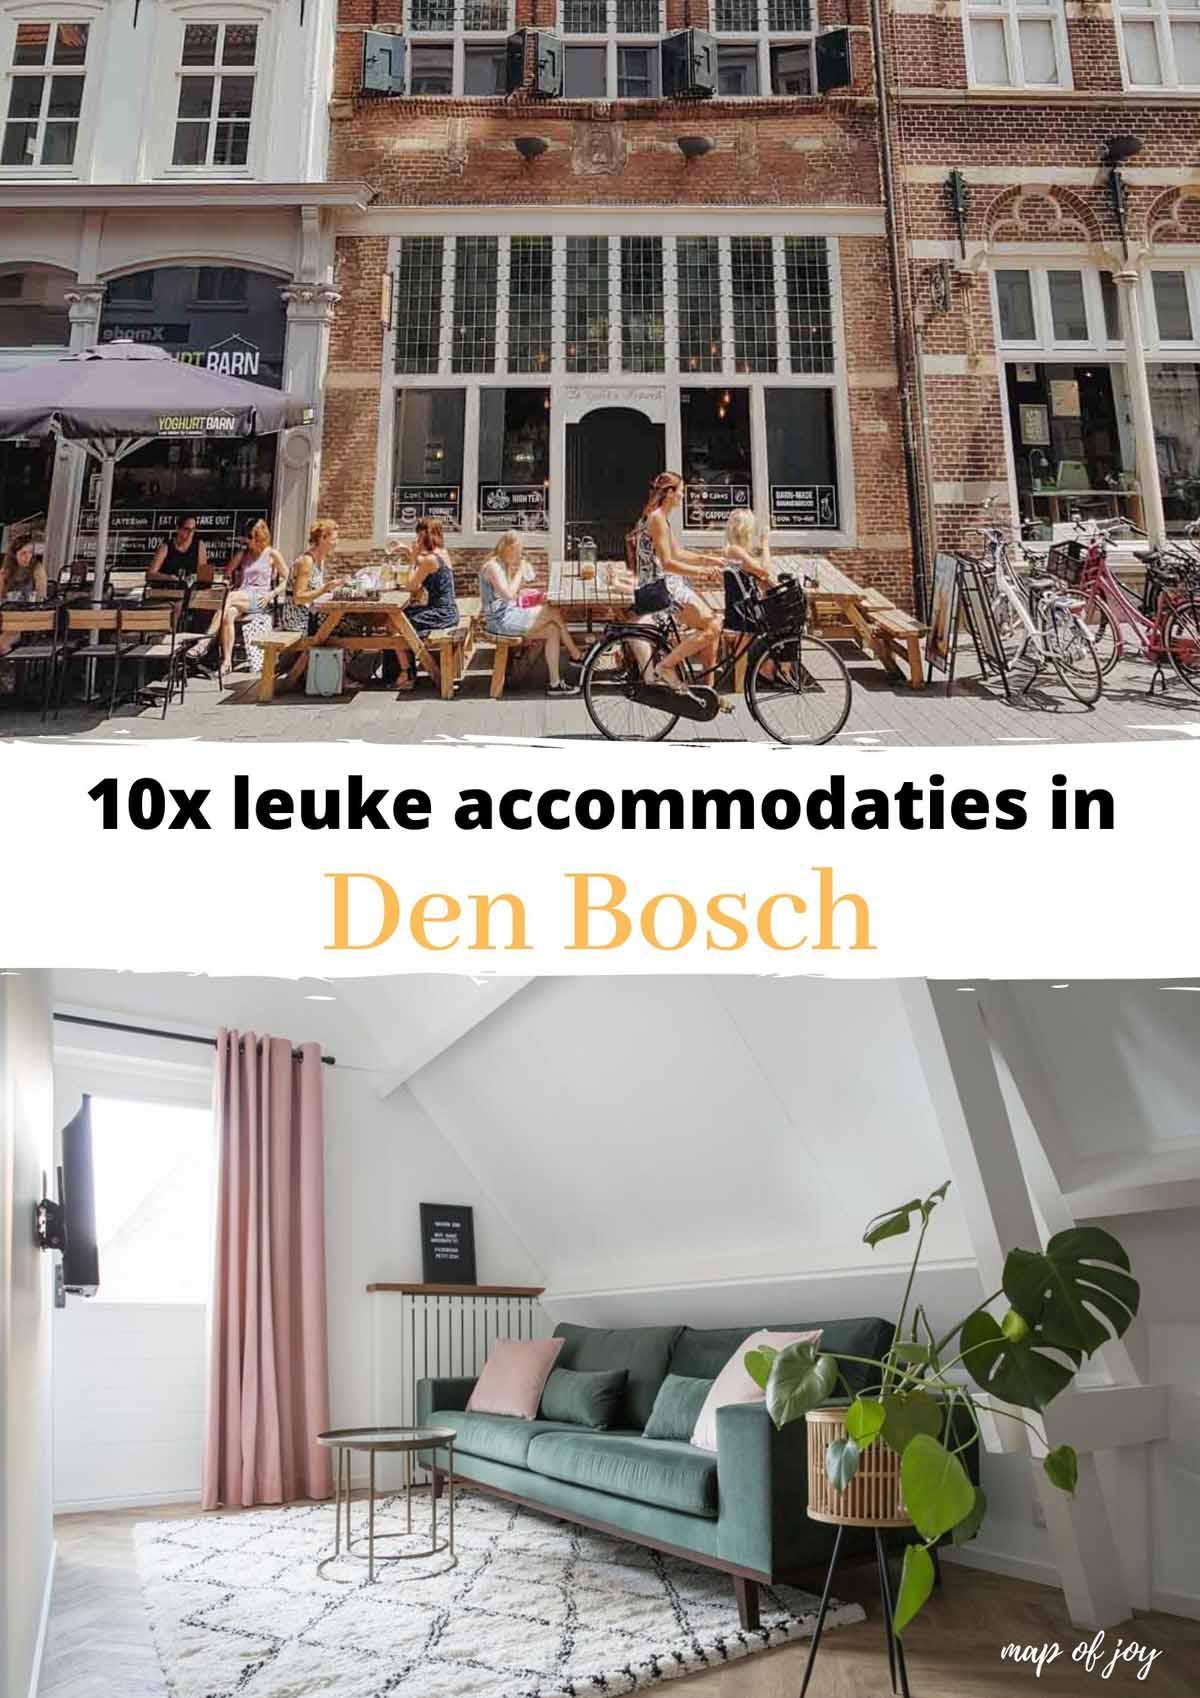 10x leuke accommodaties in Den Bosch - Map of Joy